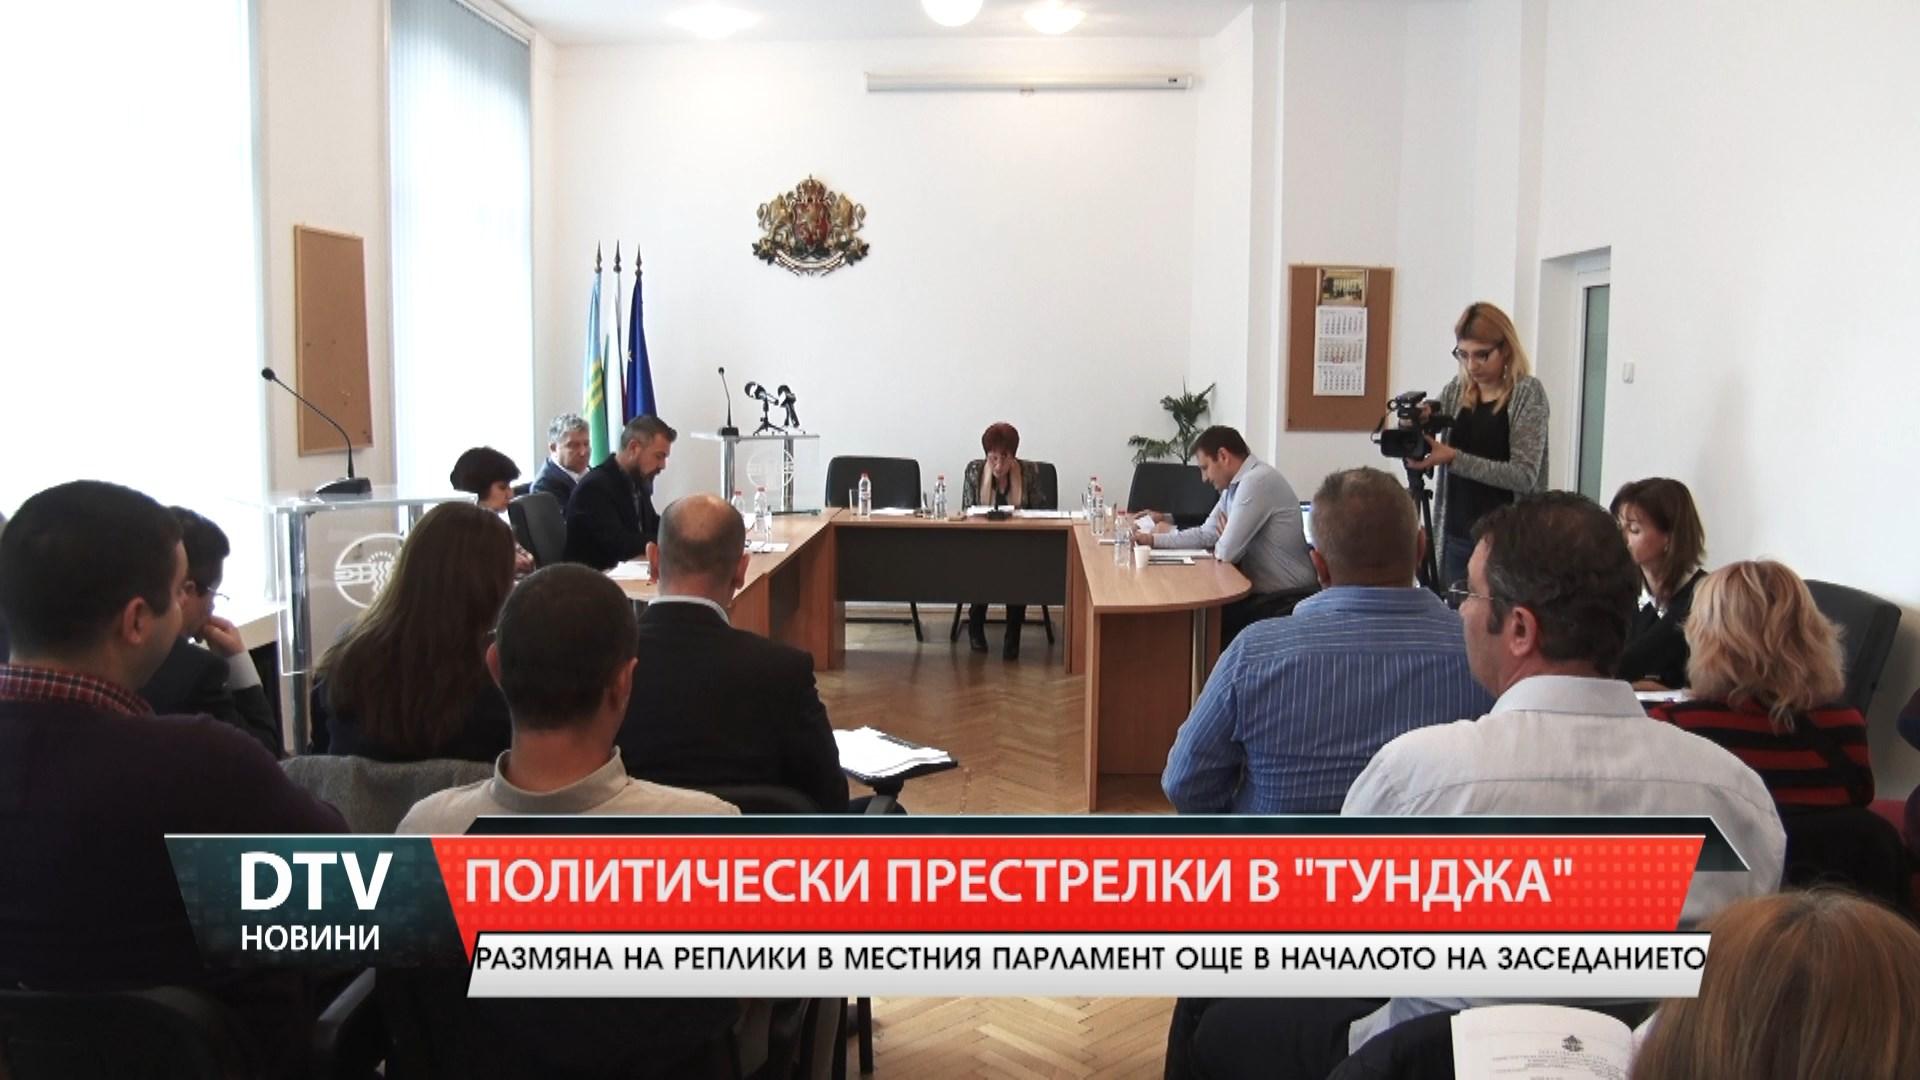 Политически престрелки на сесията на Общински съвет Тунджа!